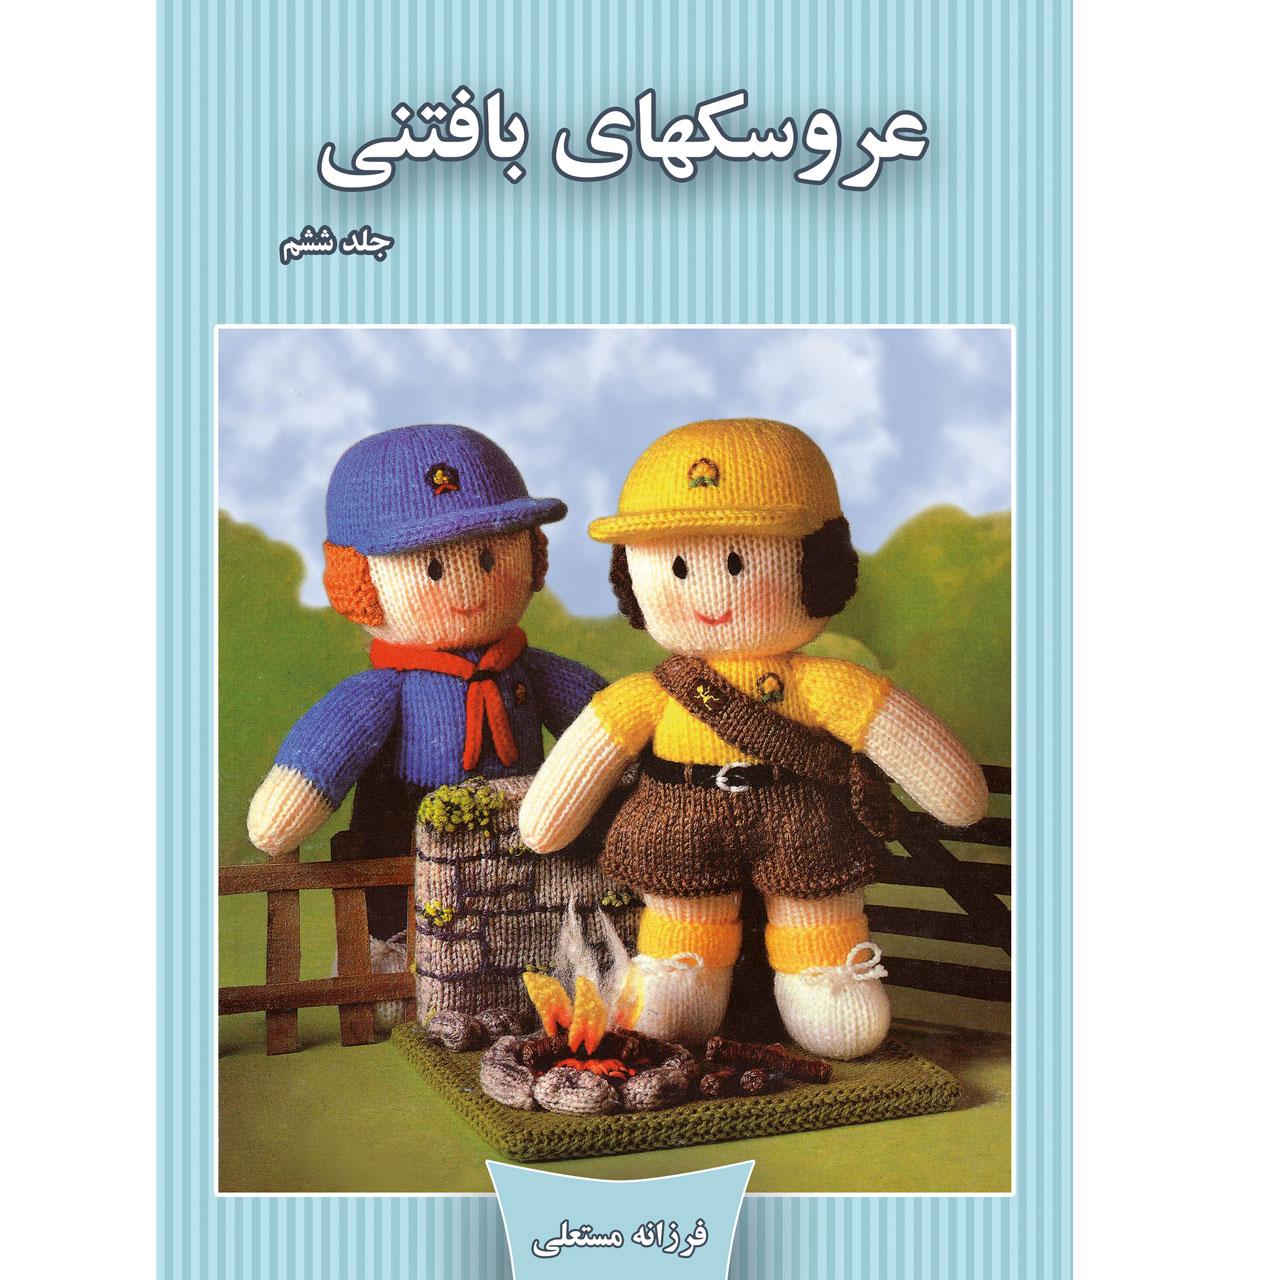 خرید                      کتاب عروسکهای بافتنی اثر فرزانه مستعلی نشر مهر پاینده جلد 6